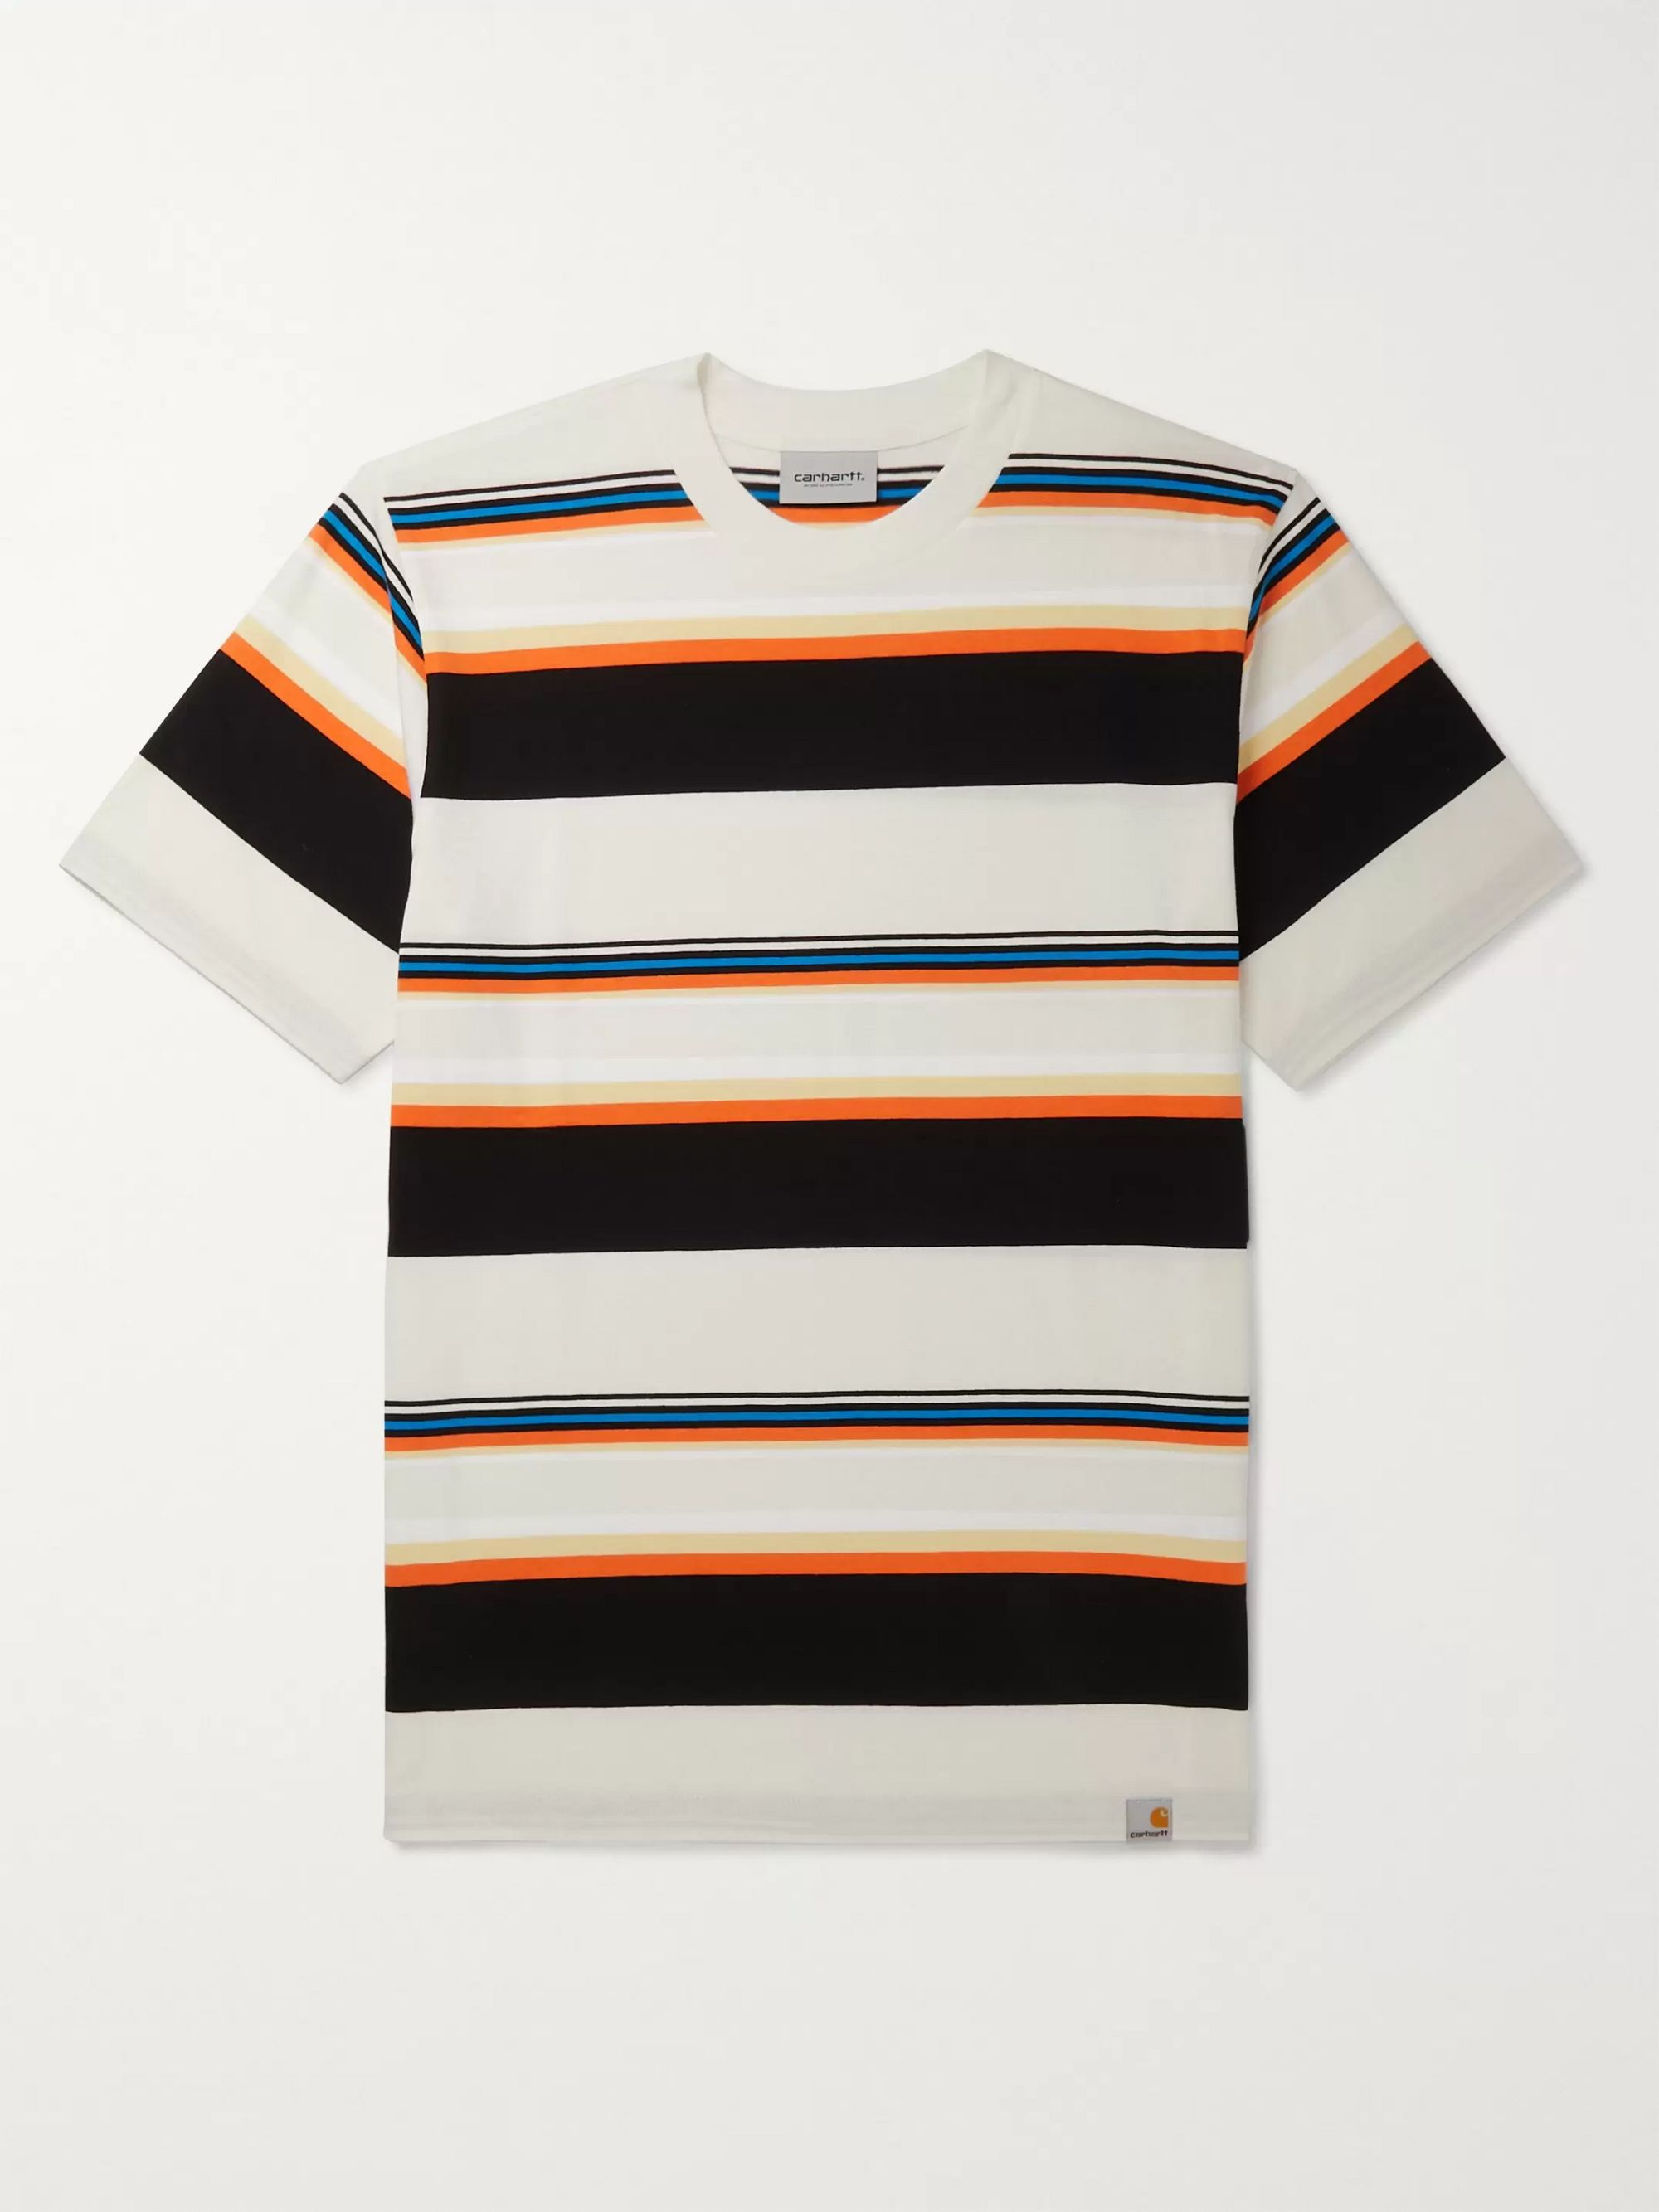 carhartt striped t shirt